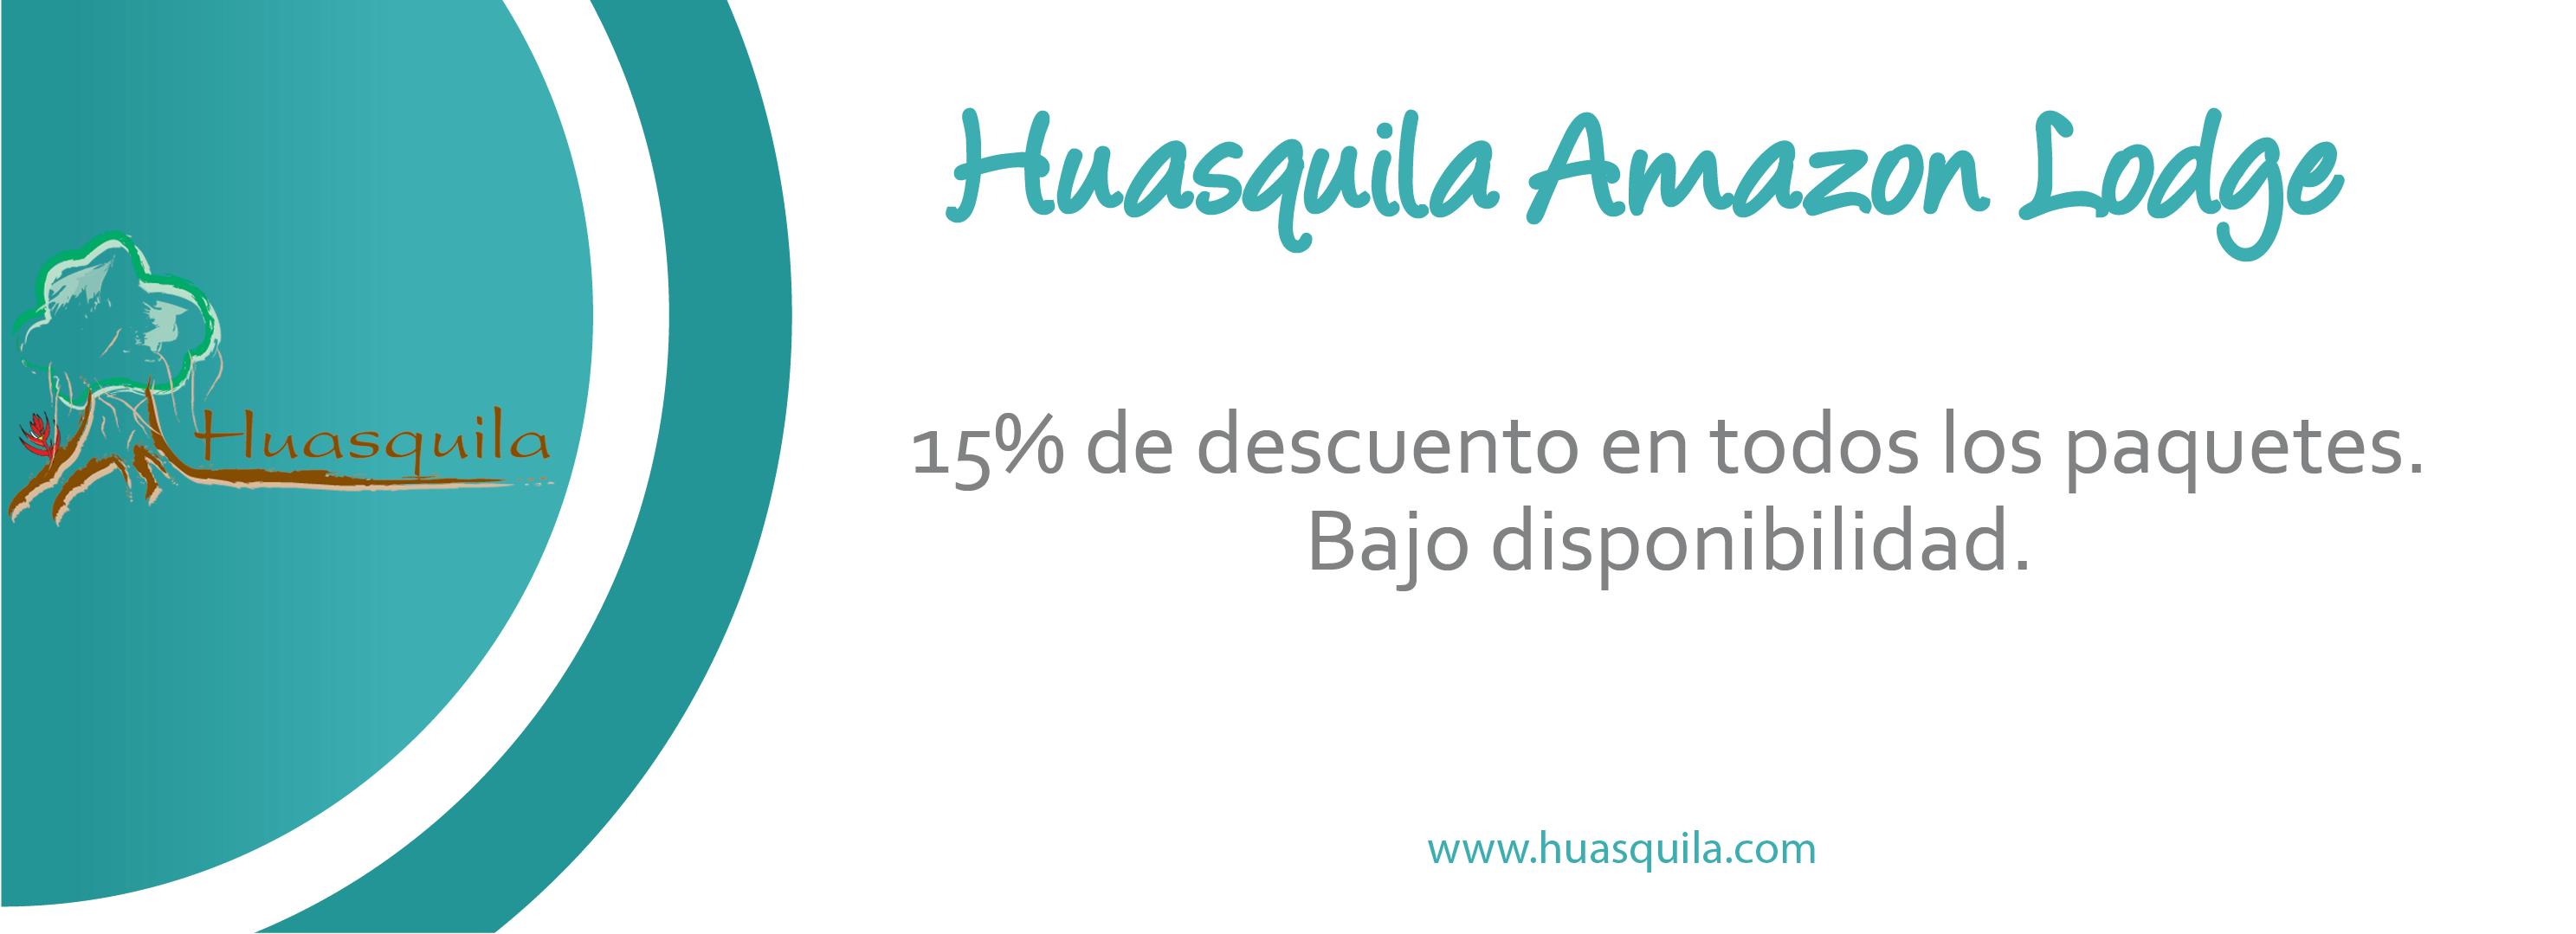 HUASQUILA AMAZON LODGE